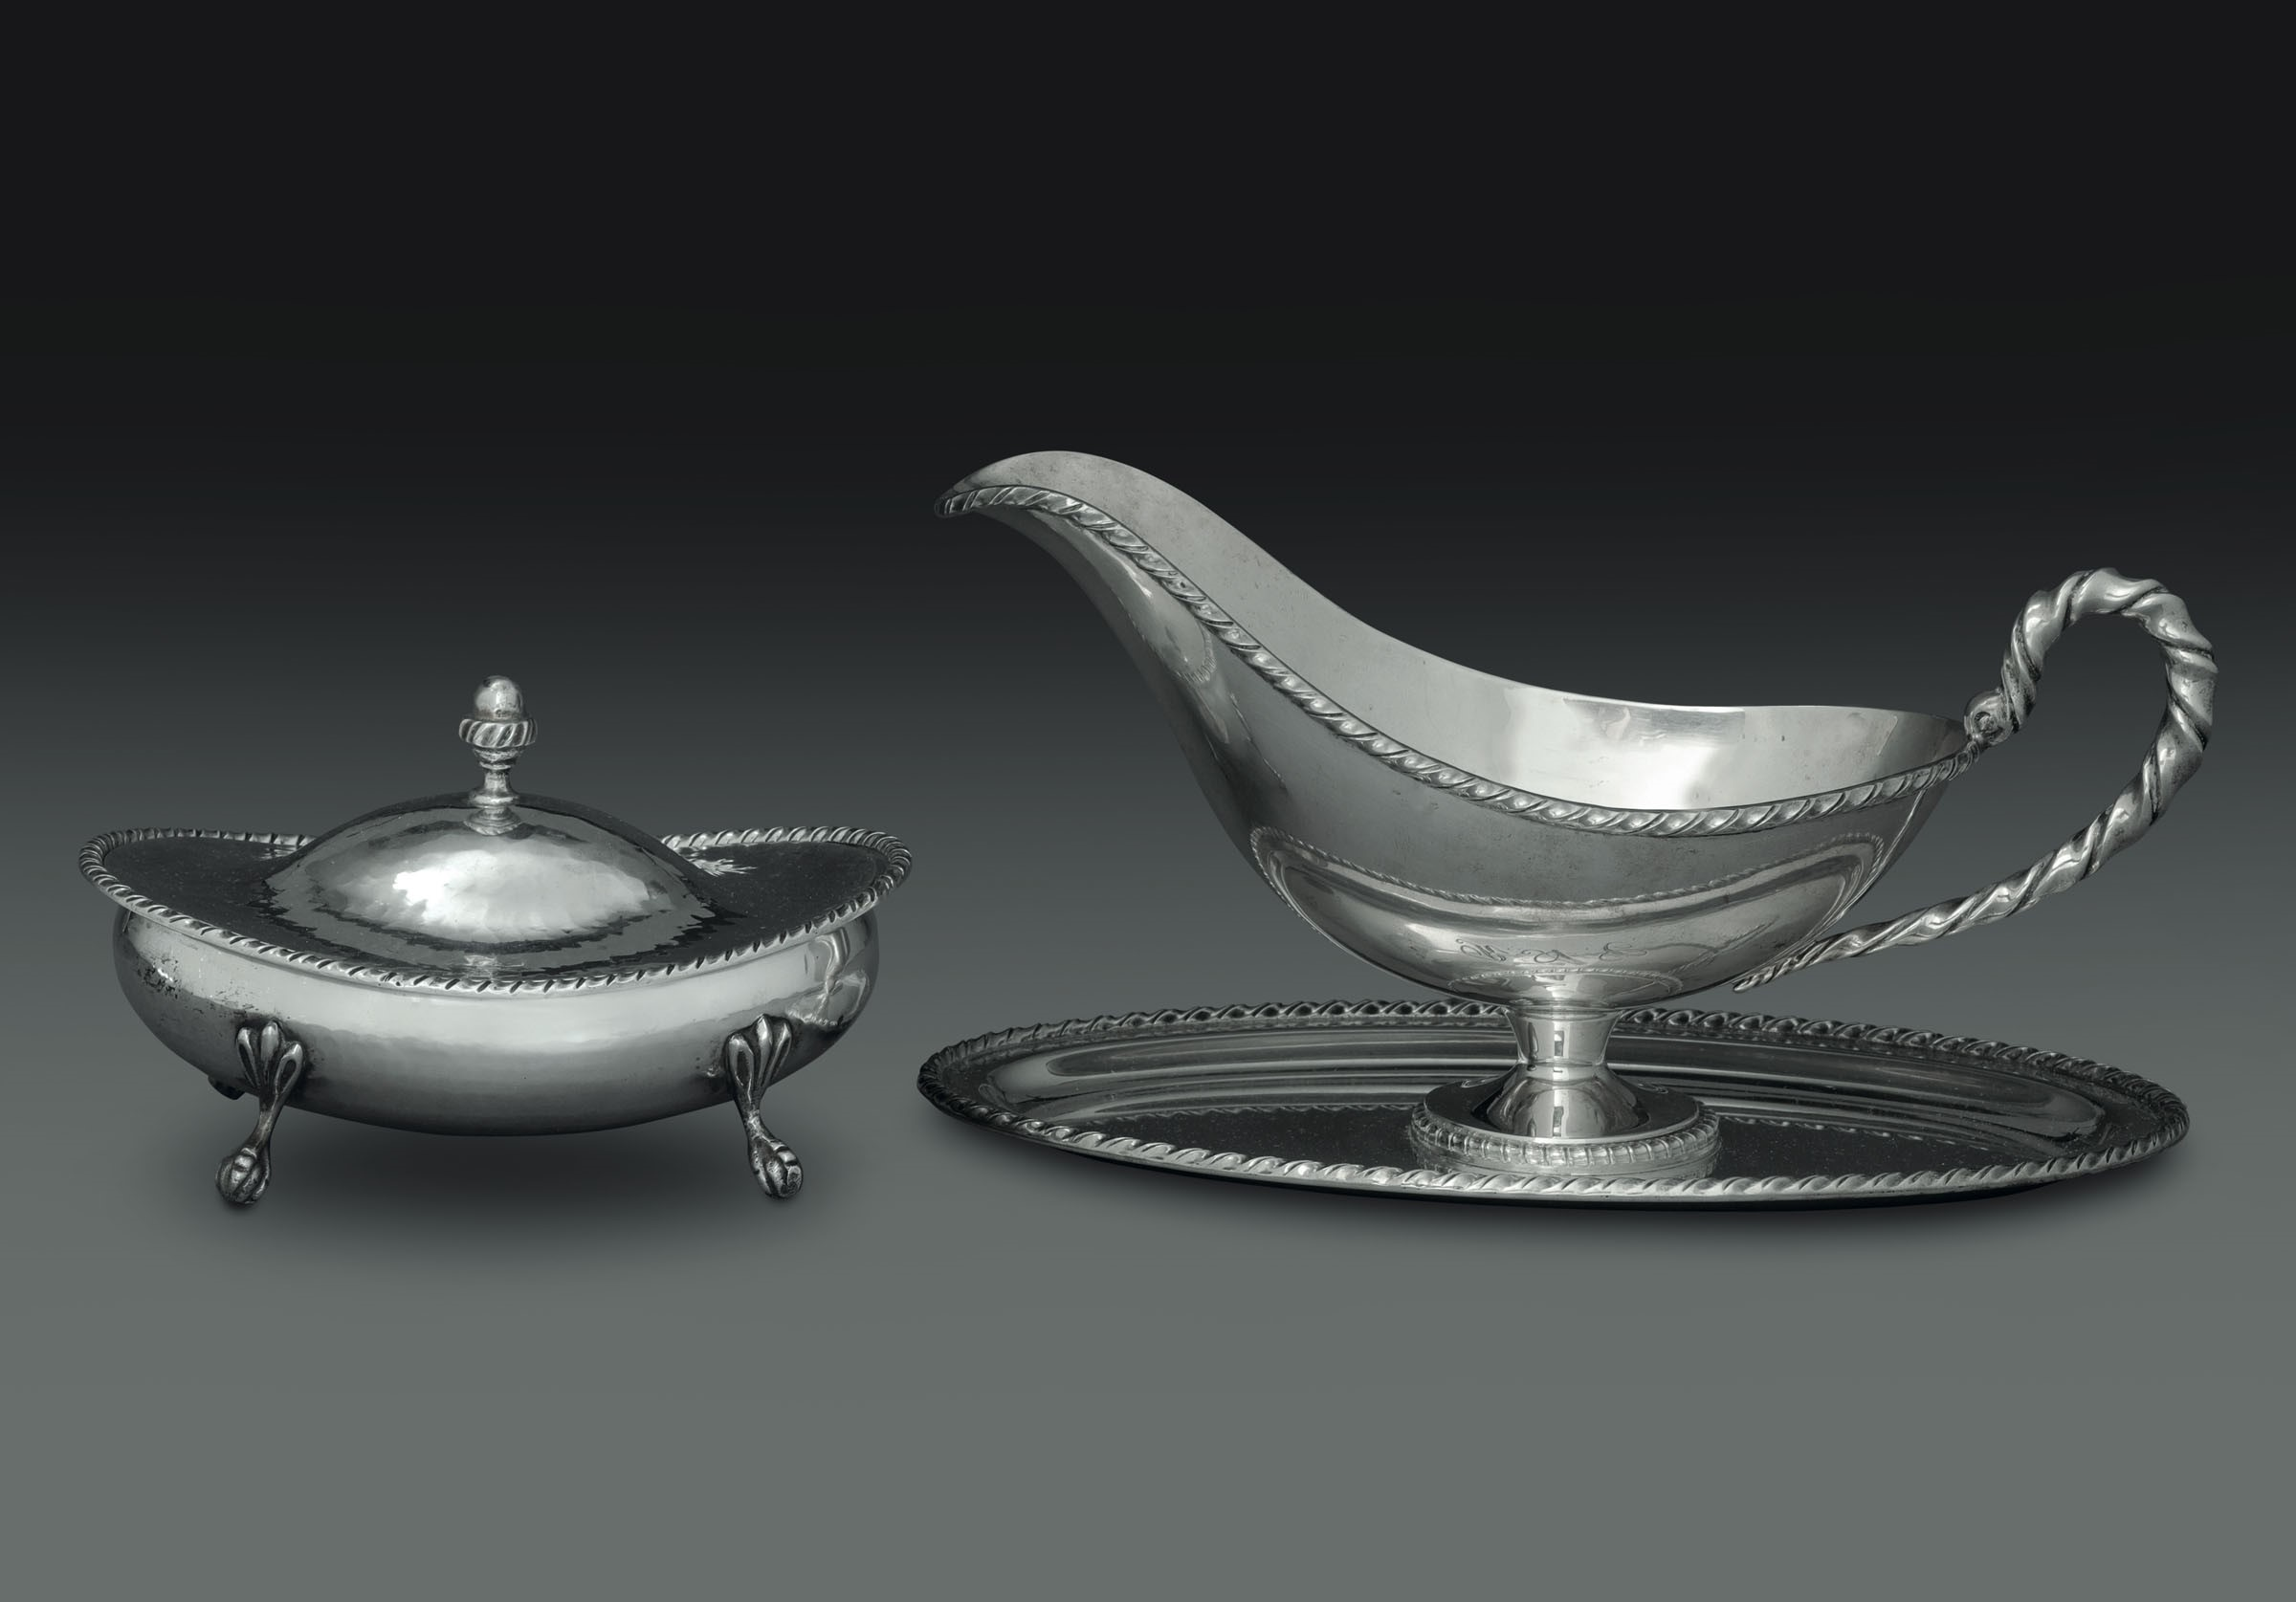 Lot 59 - Salsiera e formaggiera in argento con decoro San Marco. Argenteria italiana del XX [...]